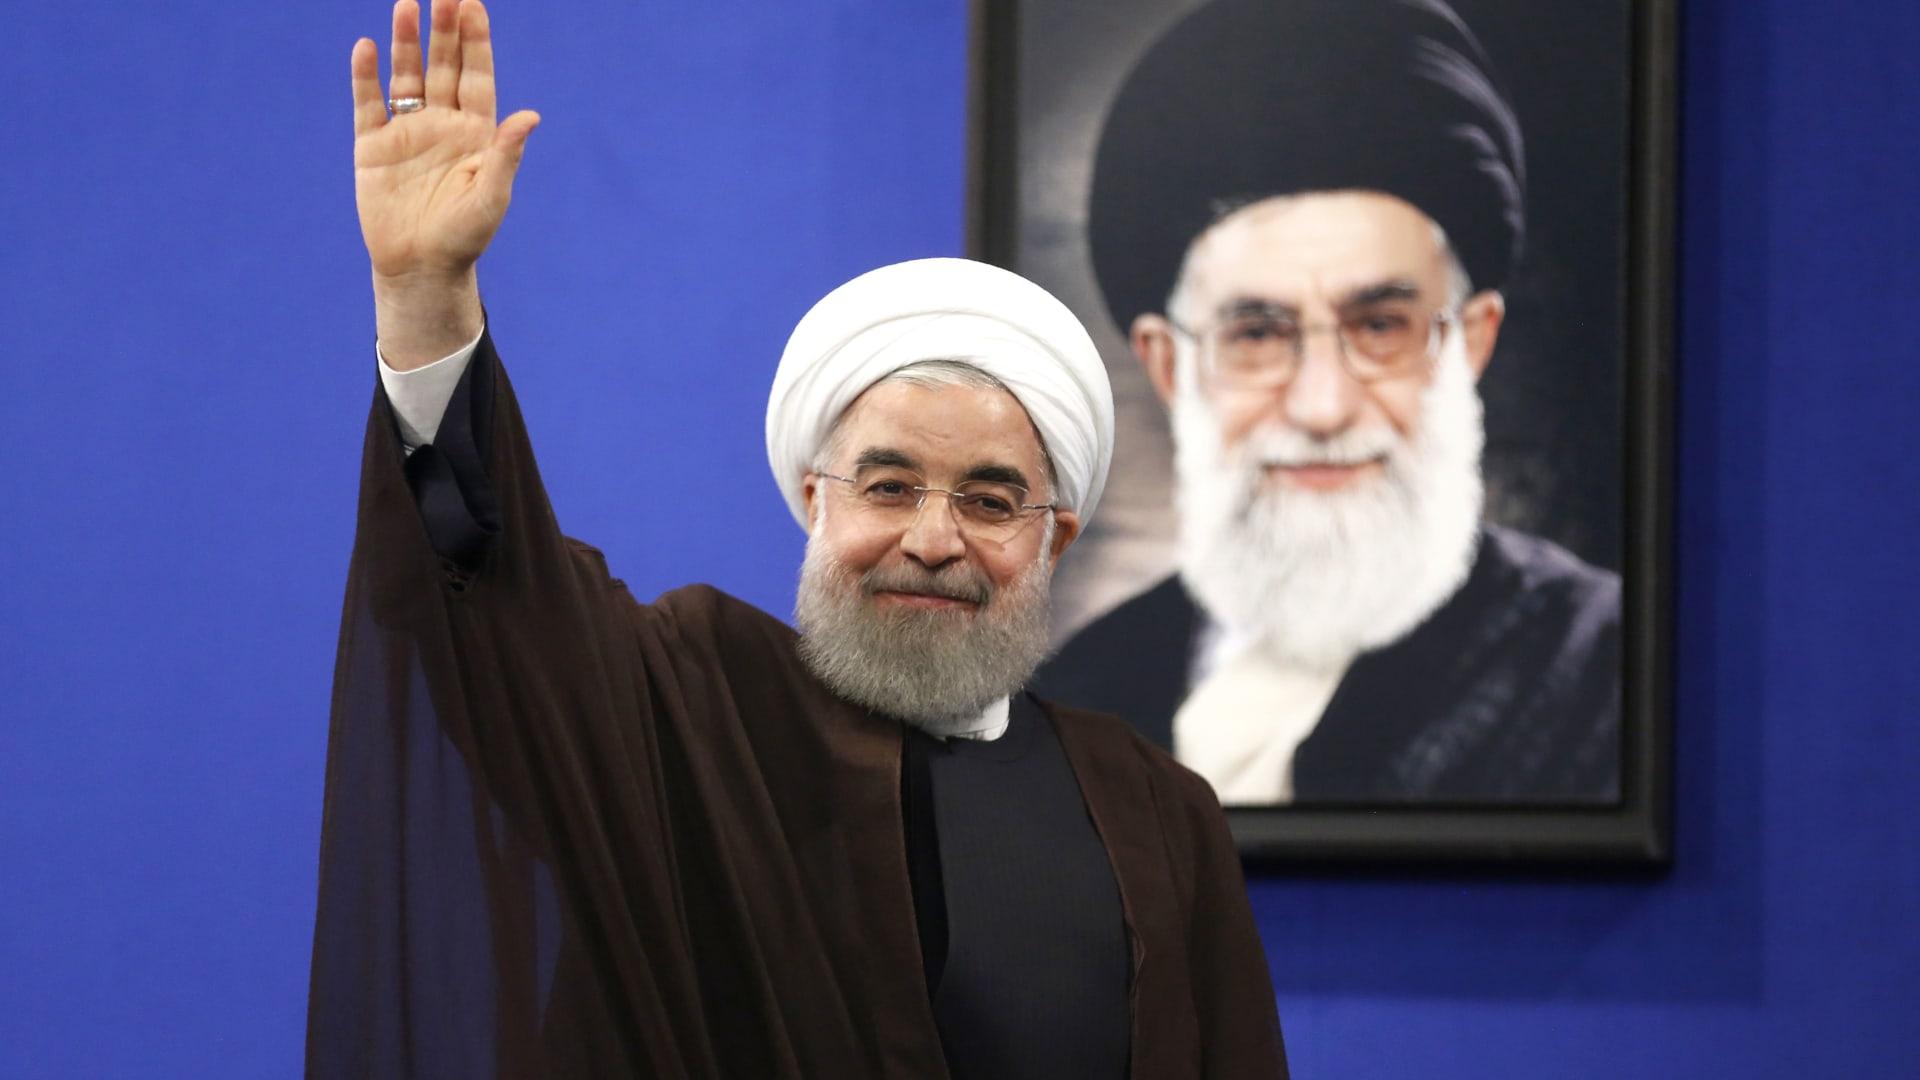 """حسن روحاني يهنئ بشار الأسد على إعادة """"انتخابه"""" رئيسا لسوريا"""